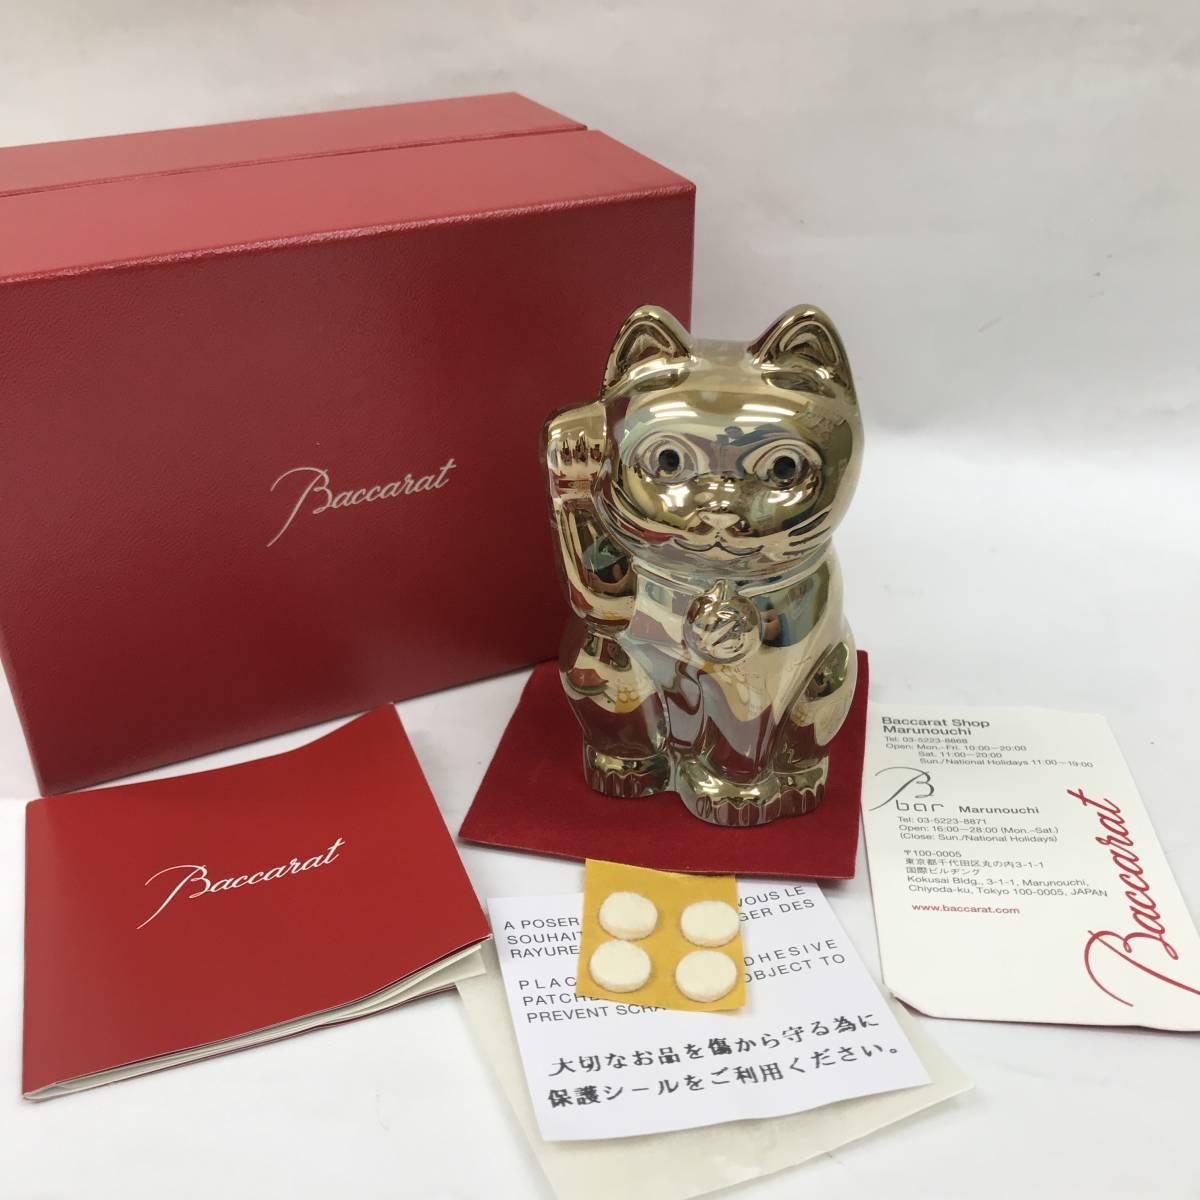 F 保管品 Baccarat バカラ 招き猫 ラッキーキャット ゴールド クリスタル 置物 フィギュリン 高さ 10cm 重さ500g 箱カード